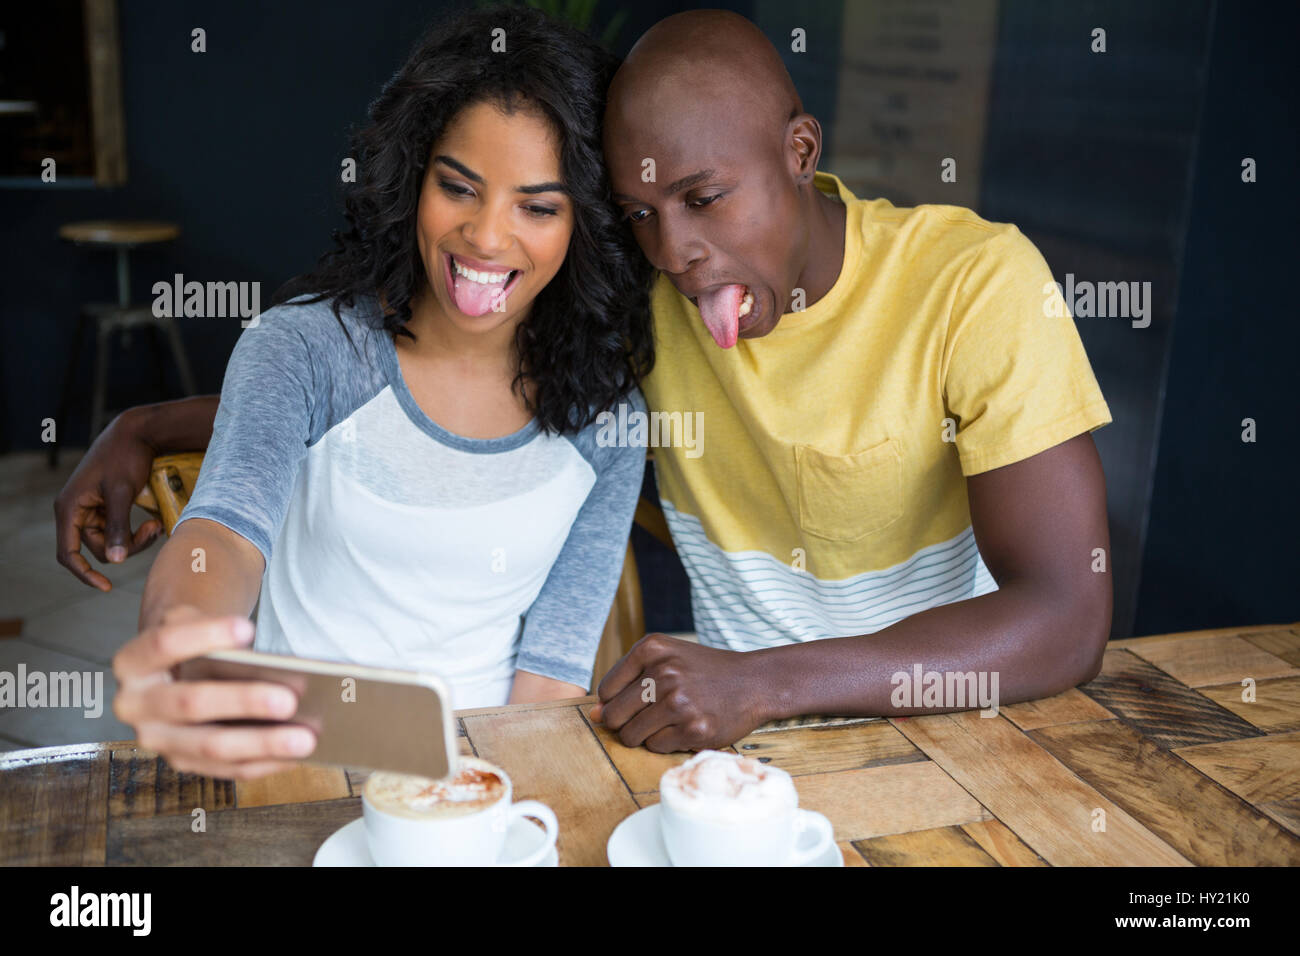 Giocoso giovane rendendo volti mentre prendendo selfie nel coffee shop Immagini Stock